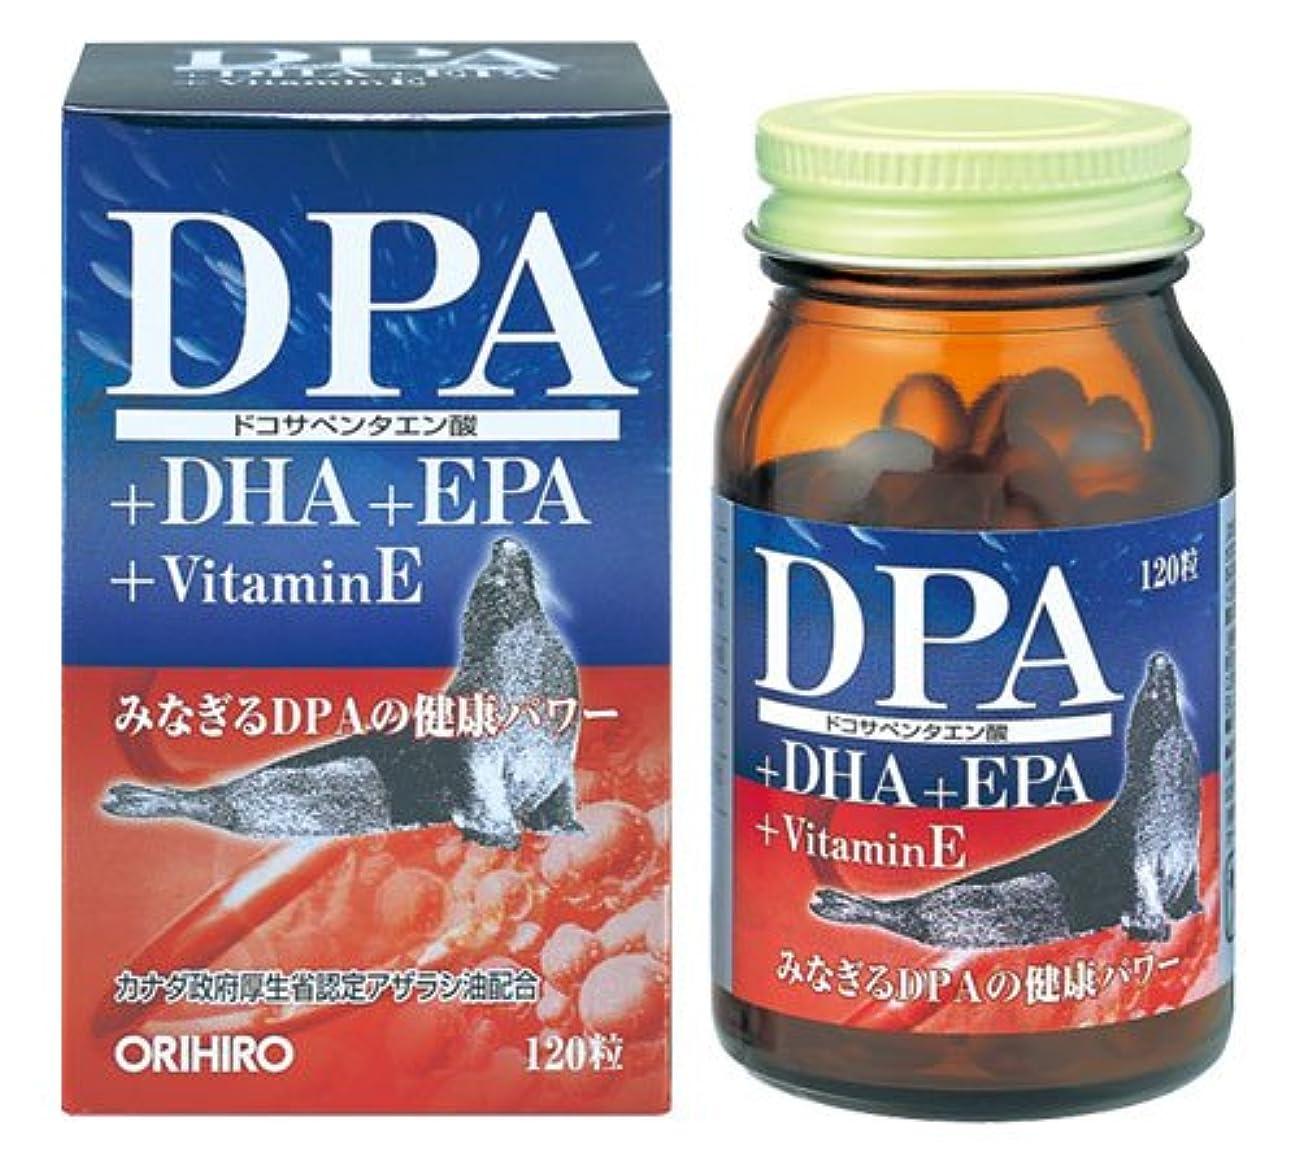 共同選択セマフォ批判的DPA+DHA+EPAカプセル 120粒(約1ヶ月分)